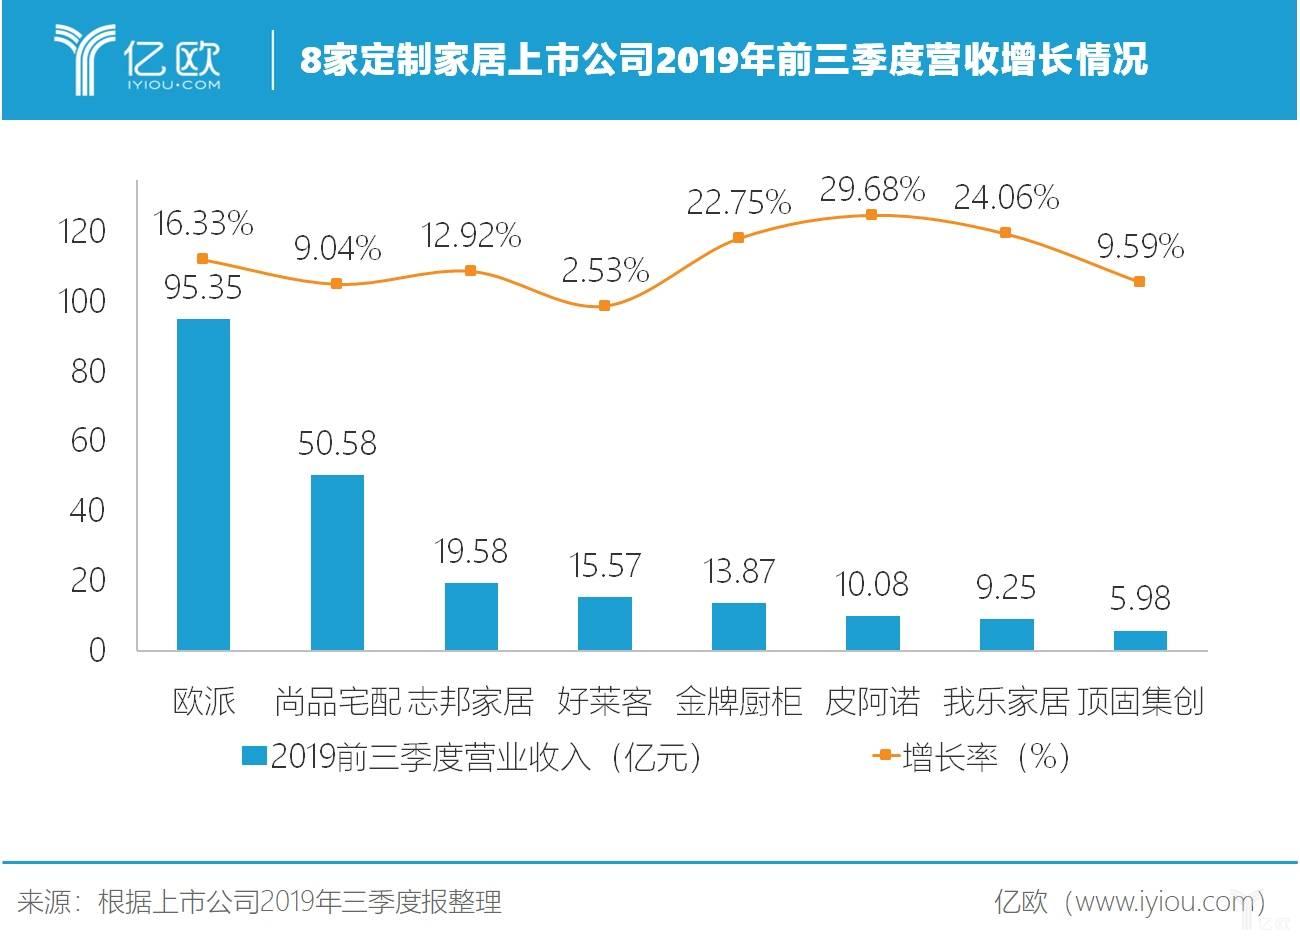 8家定制家居上市公司2019年前三季度营收增长情况